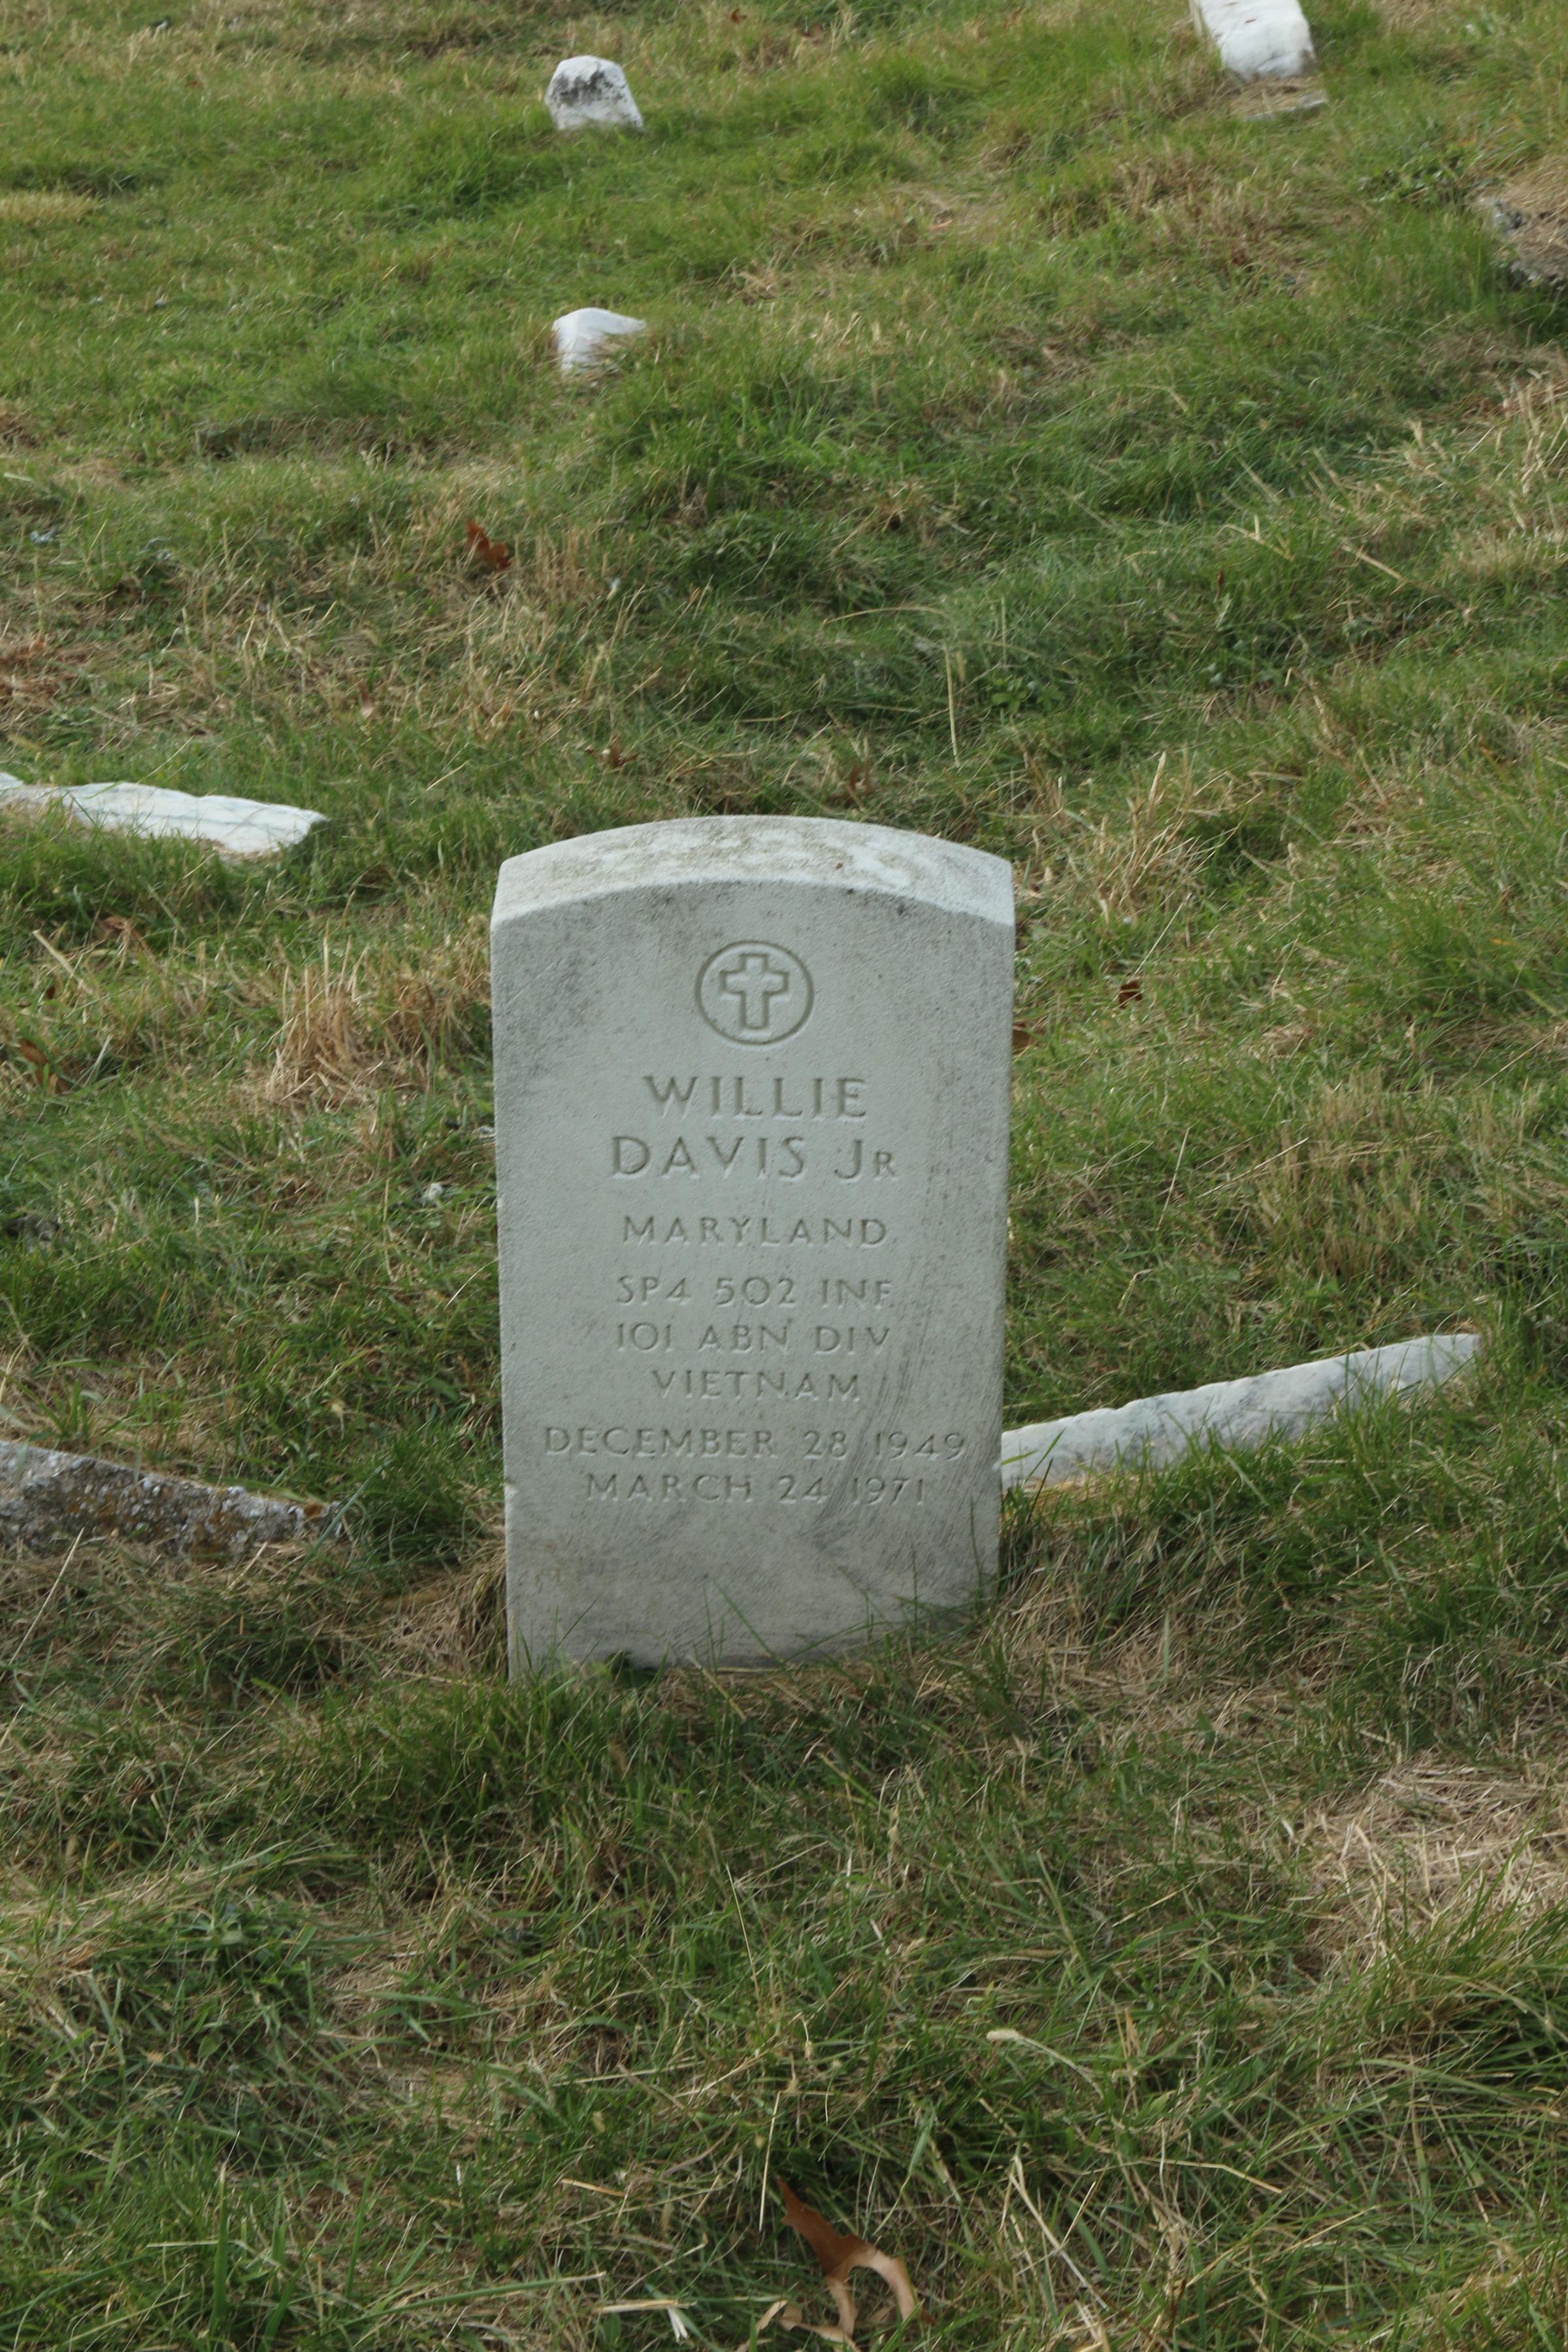 Sp4 Willie Davis Jr.